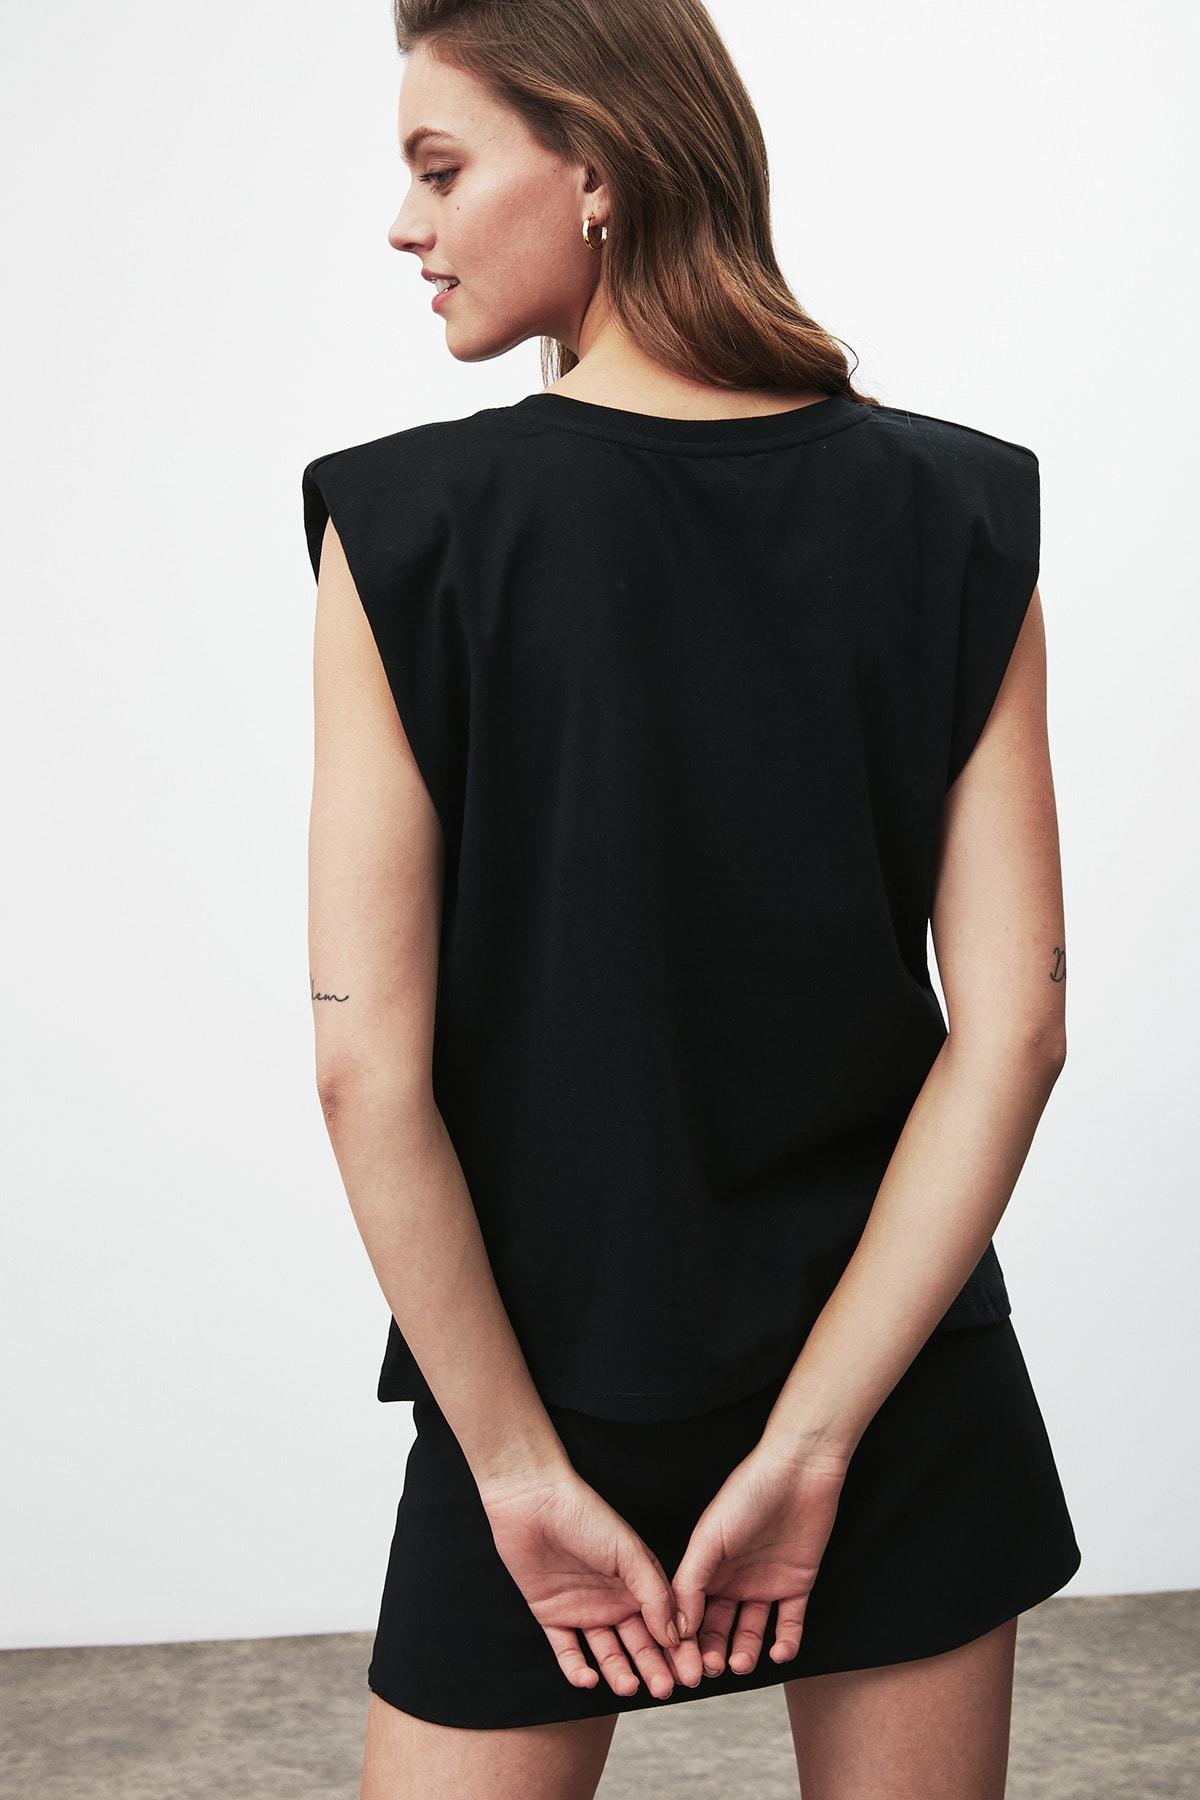 GRIMELANGE Luna Kadın Siyah Omuzları Vatkalı Kolsuz T-shirt 4